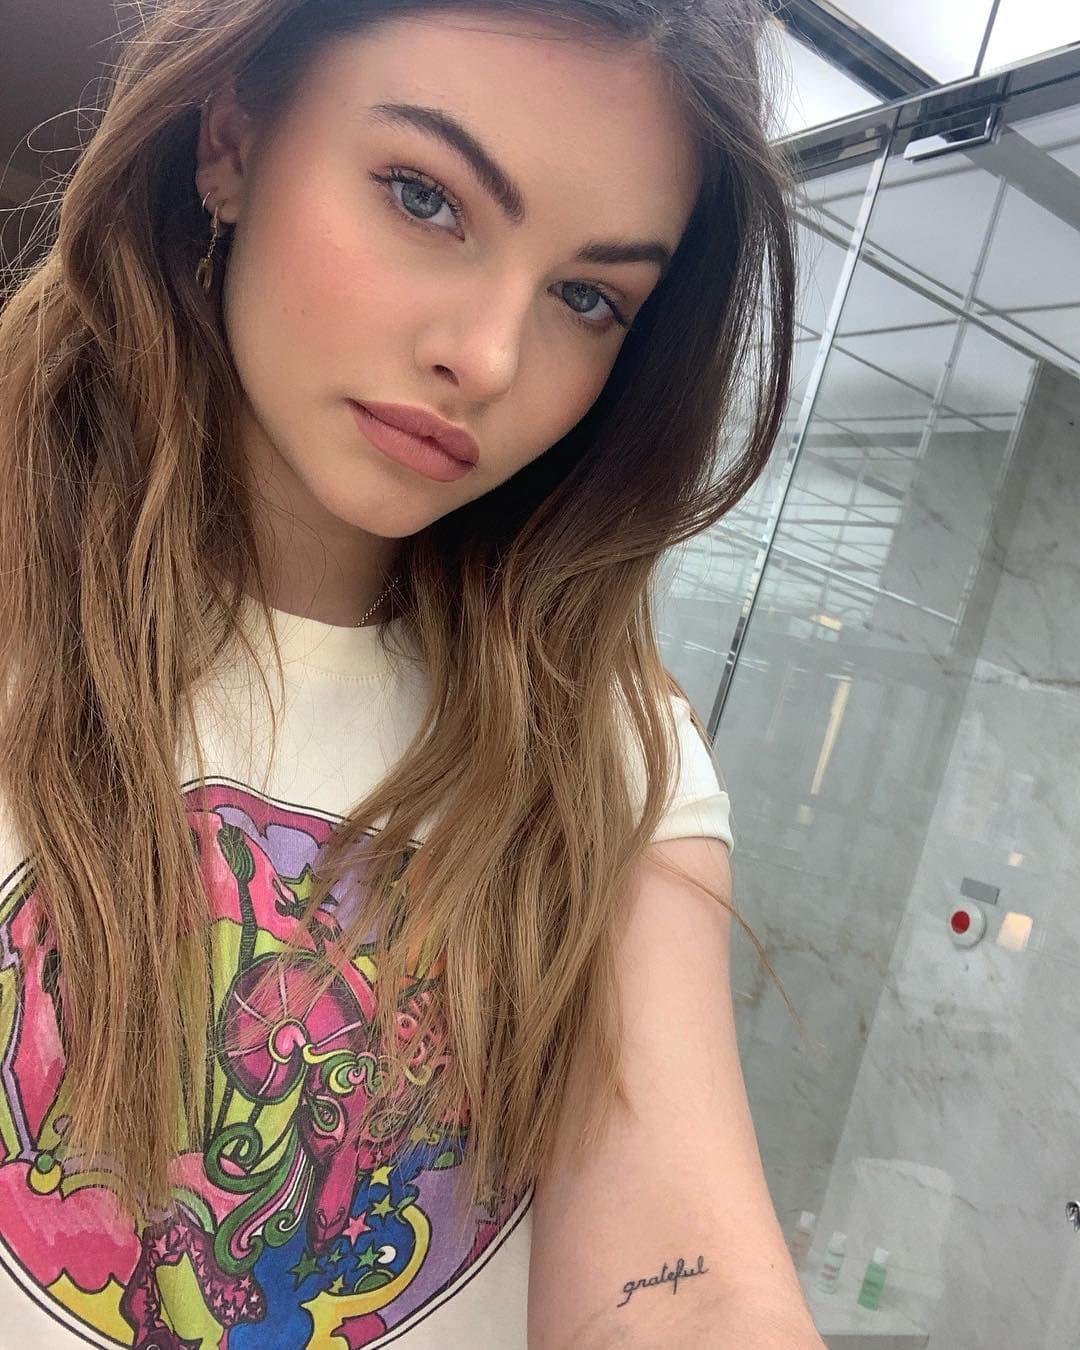 Фото девушки 18 лет